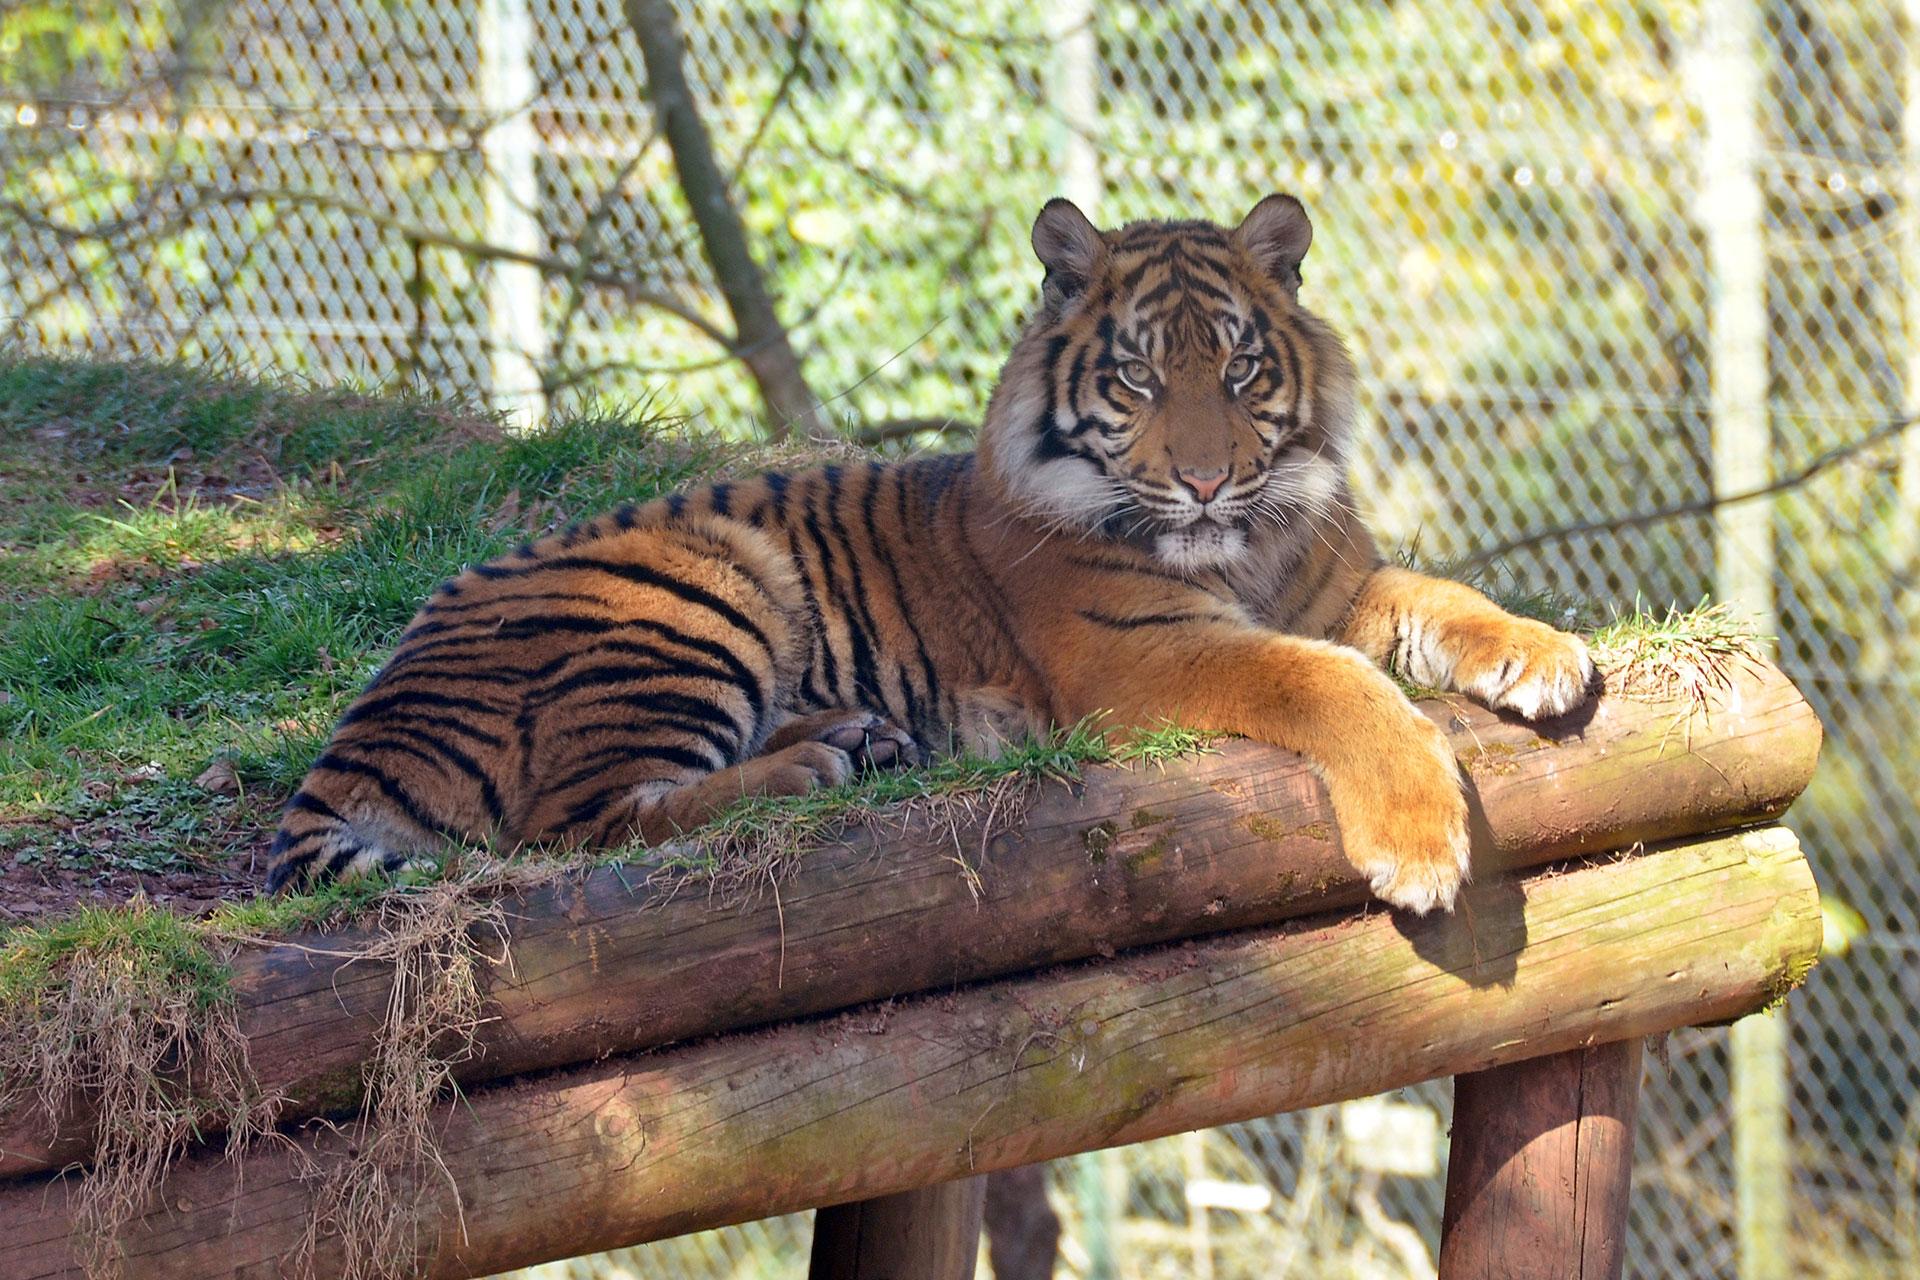 Tiger_in_Paignton_Zoo.jpg